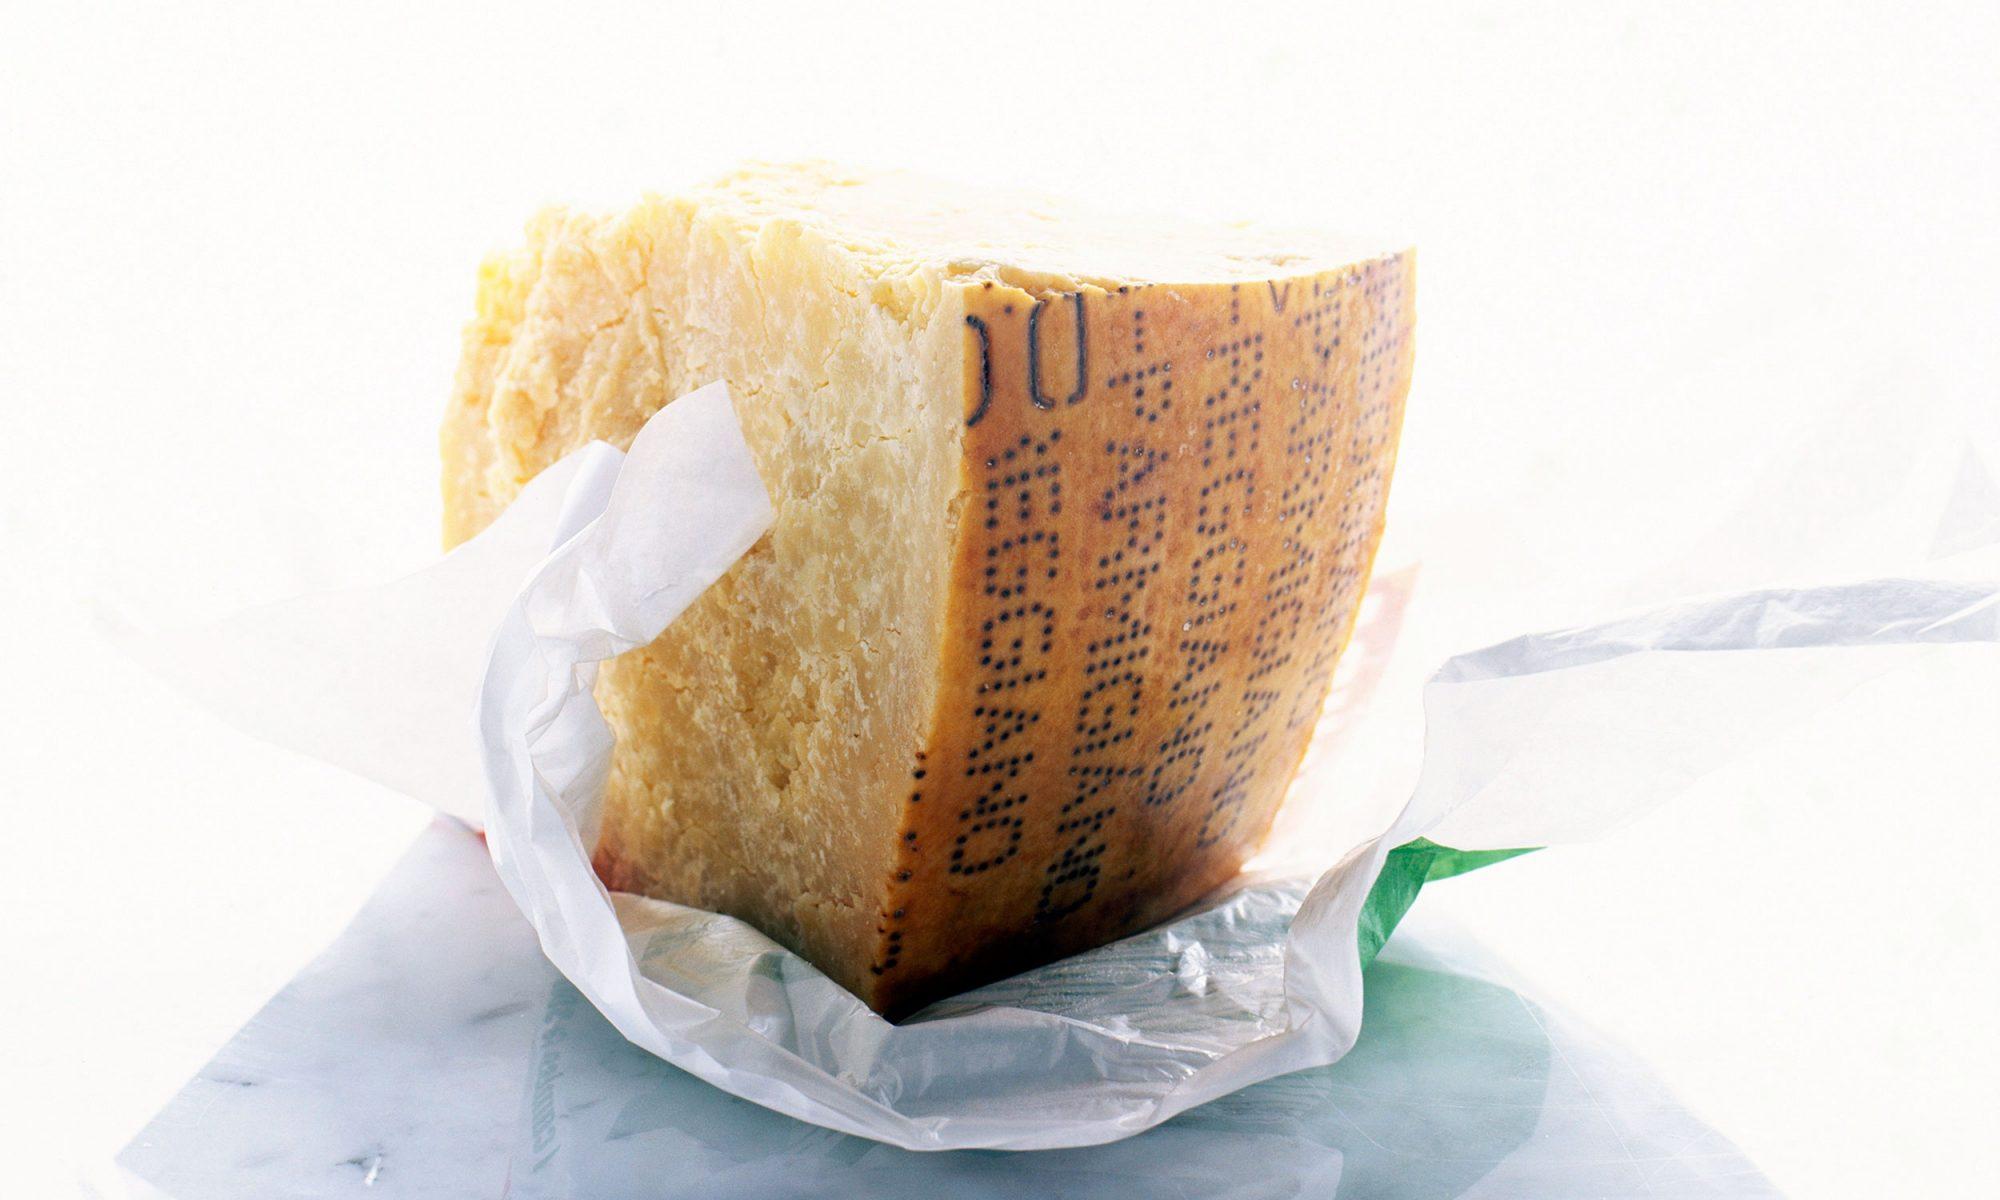 EC: Parmesan Cheese Isn't Vegetarian